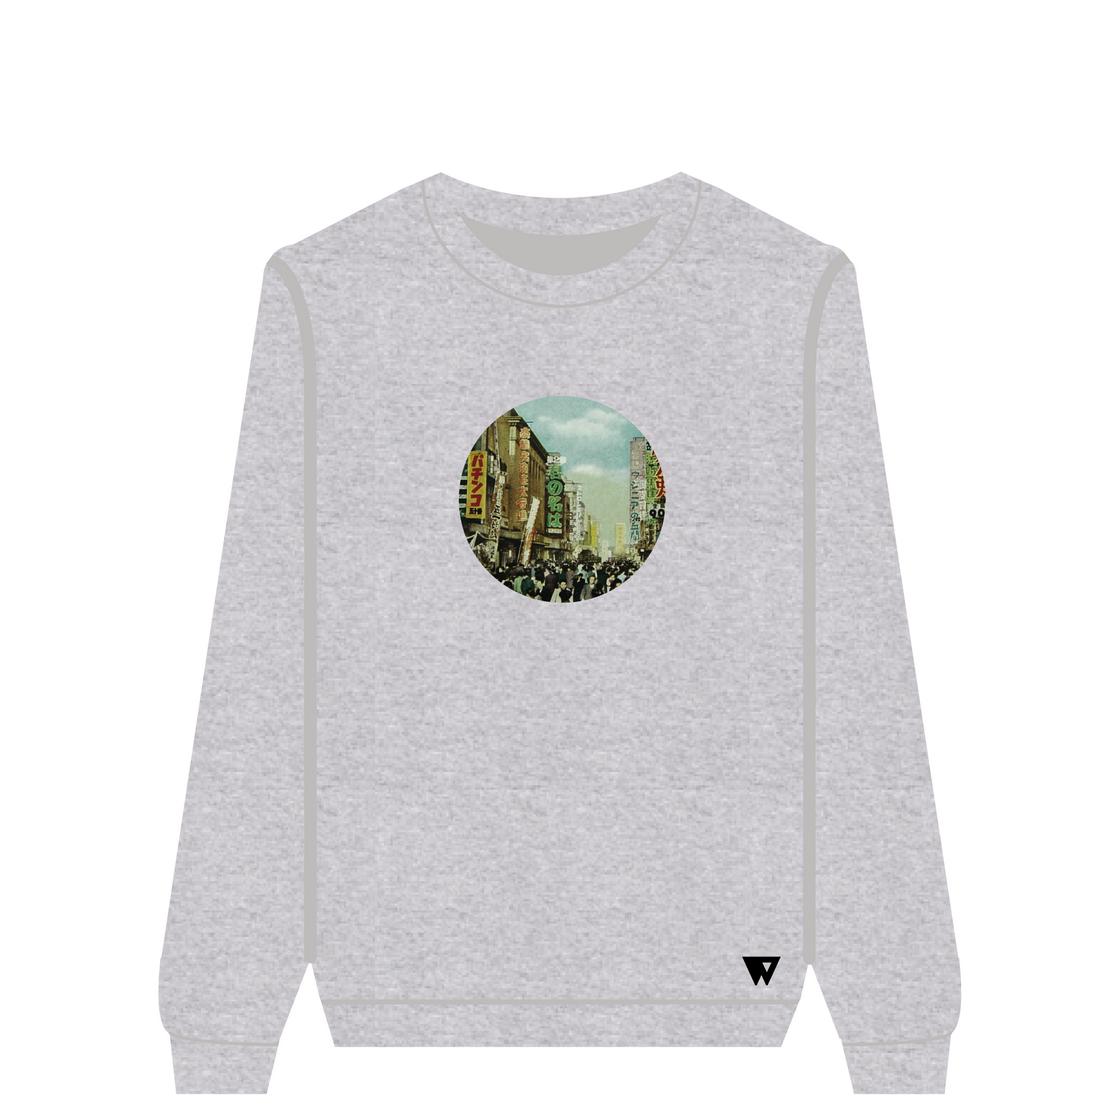 Sweatshirt Retro China | Wuzzee